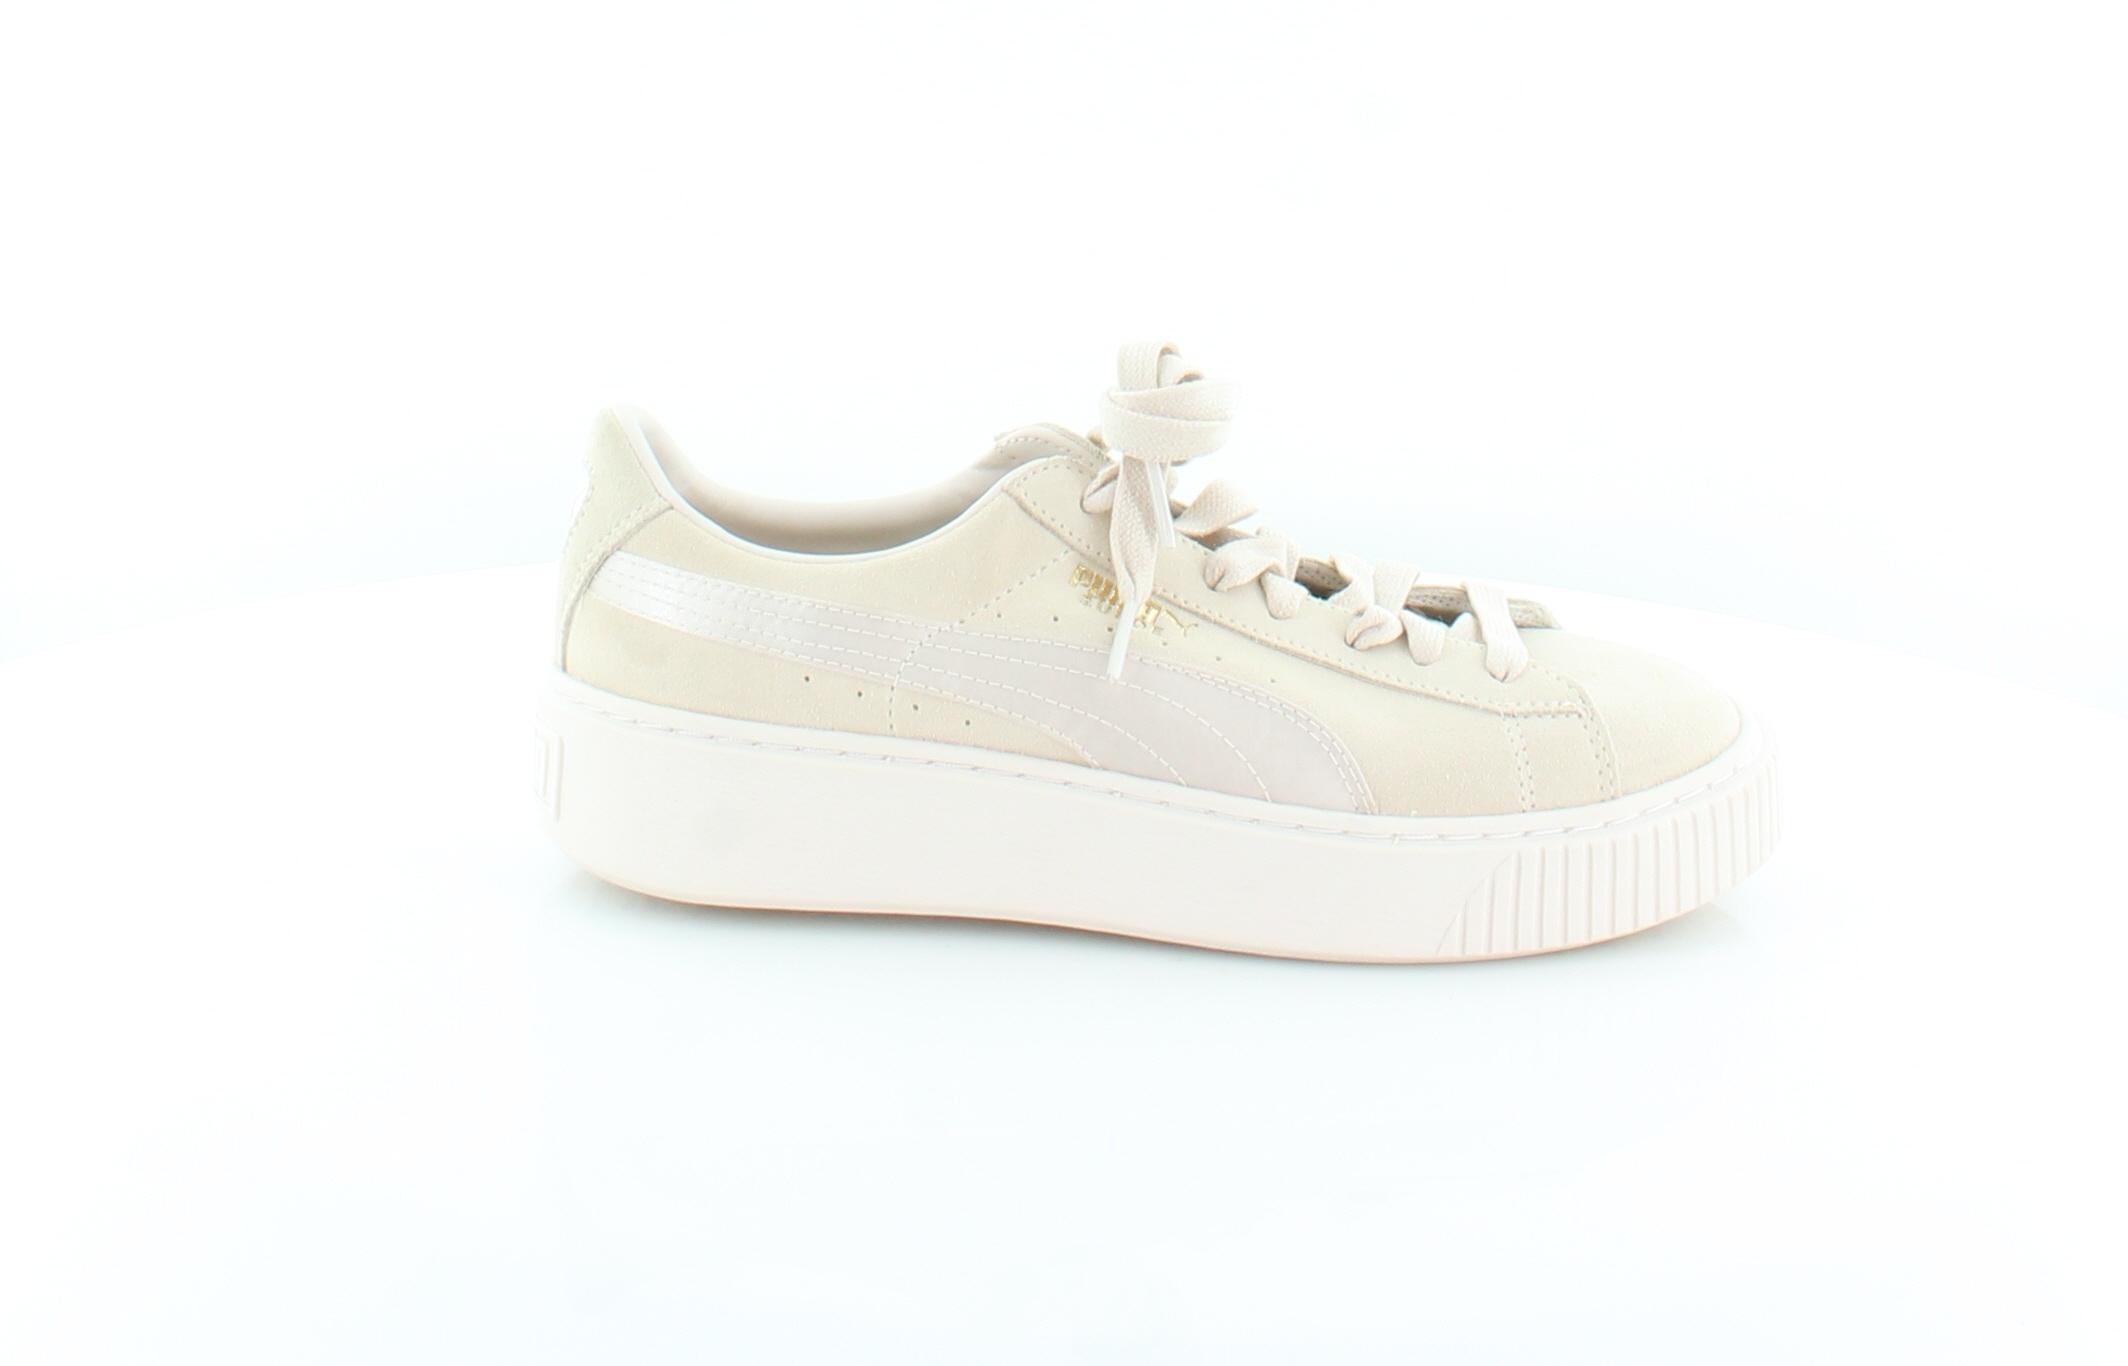 ce57a625eaa7 Image is loading Puma-New-Basket-Platform-Beige-Womens-Shoes-Size-